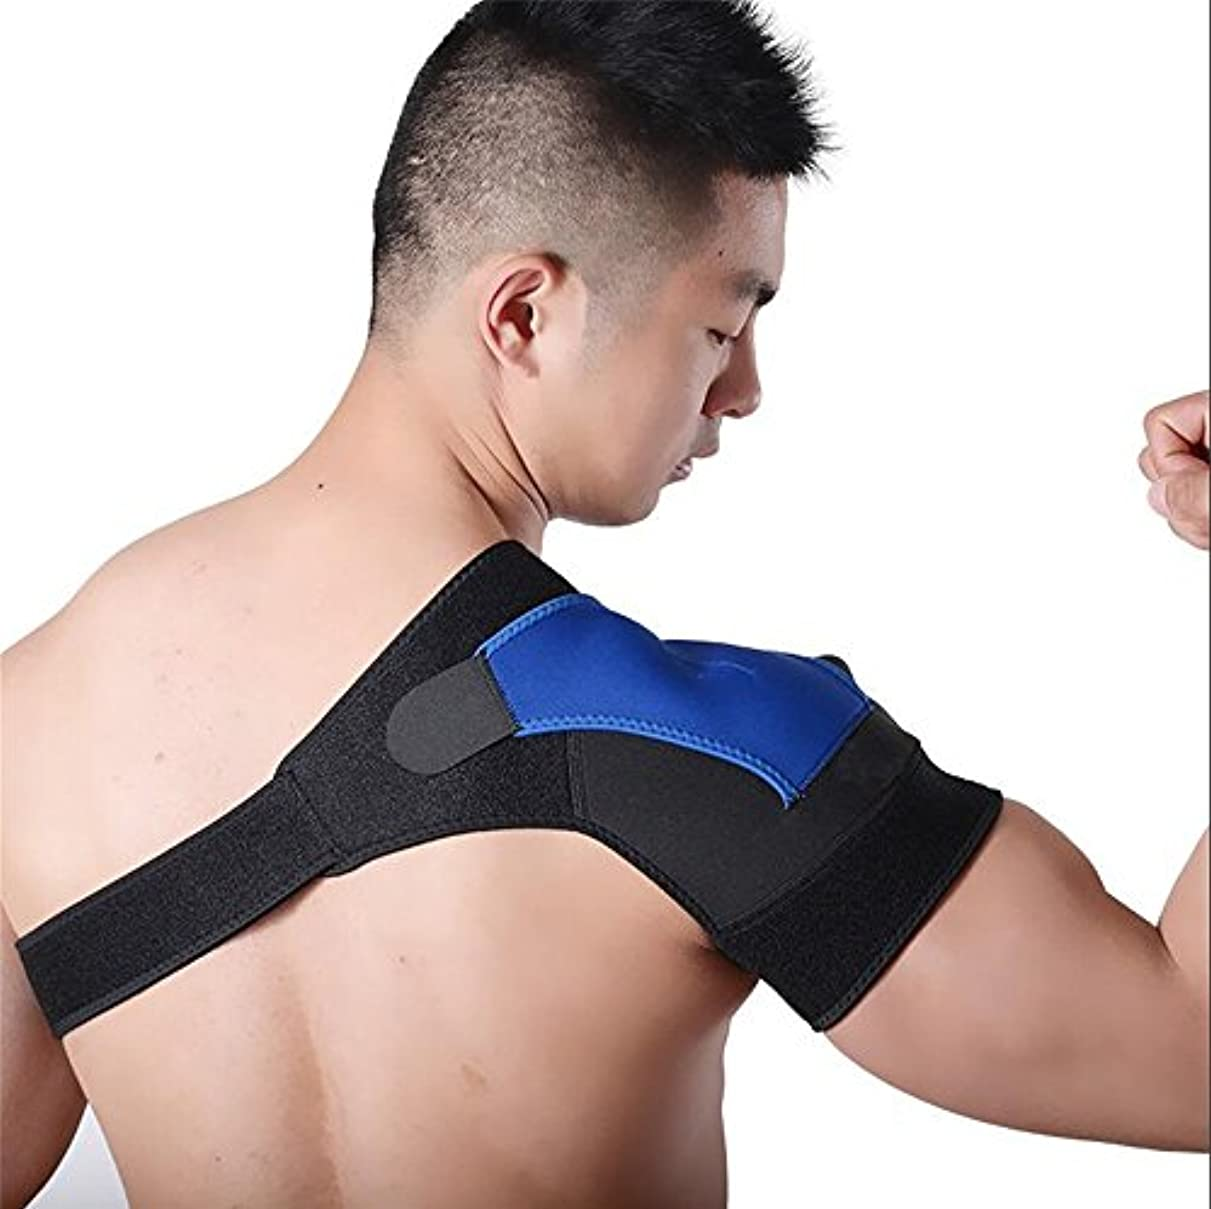 顧問人事レンドZSZBACE 肩サポーター 右肩 左肩 肩 肩固定 けが 防止 マジック テープ式 男女兼用 簡単装着 (右肩用, ブルー)